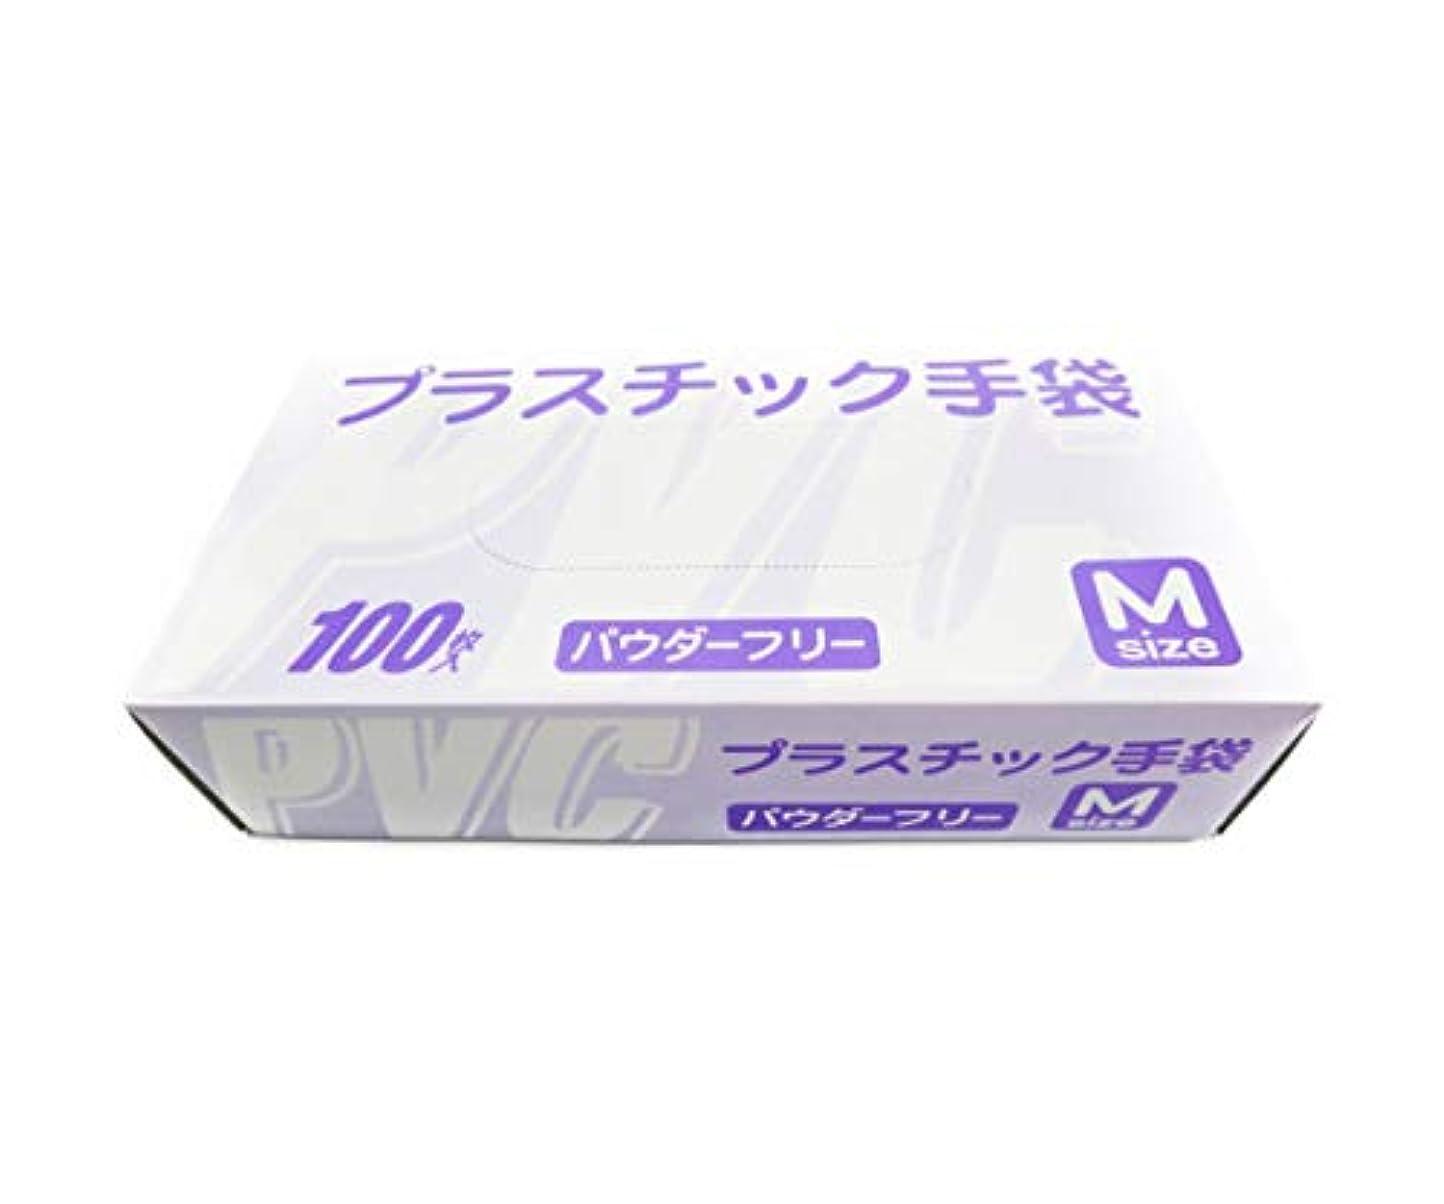 コンピューター変換する告白使い捨て手袋 プラスチックグローブ 粉なし Mサイズ 100枚入 (1BOX)